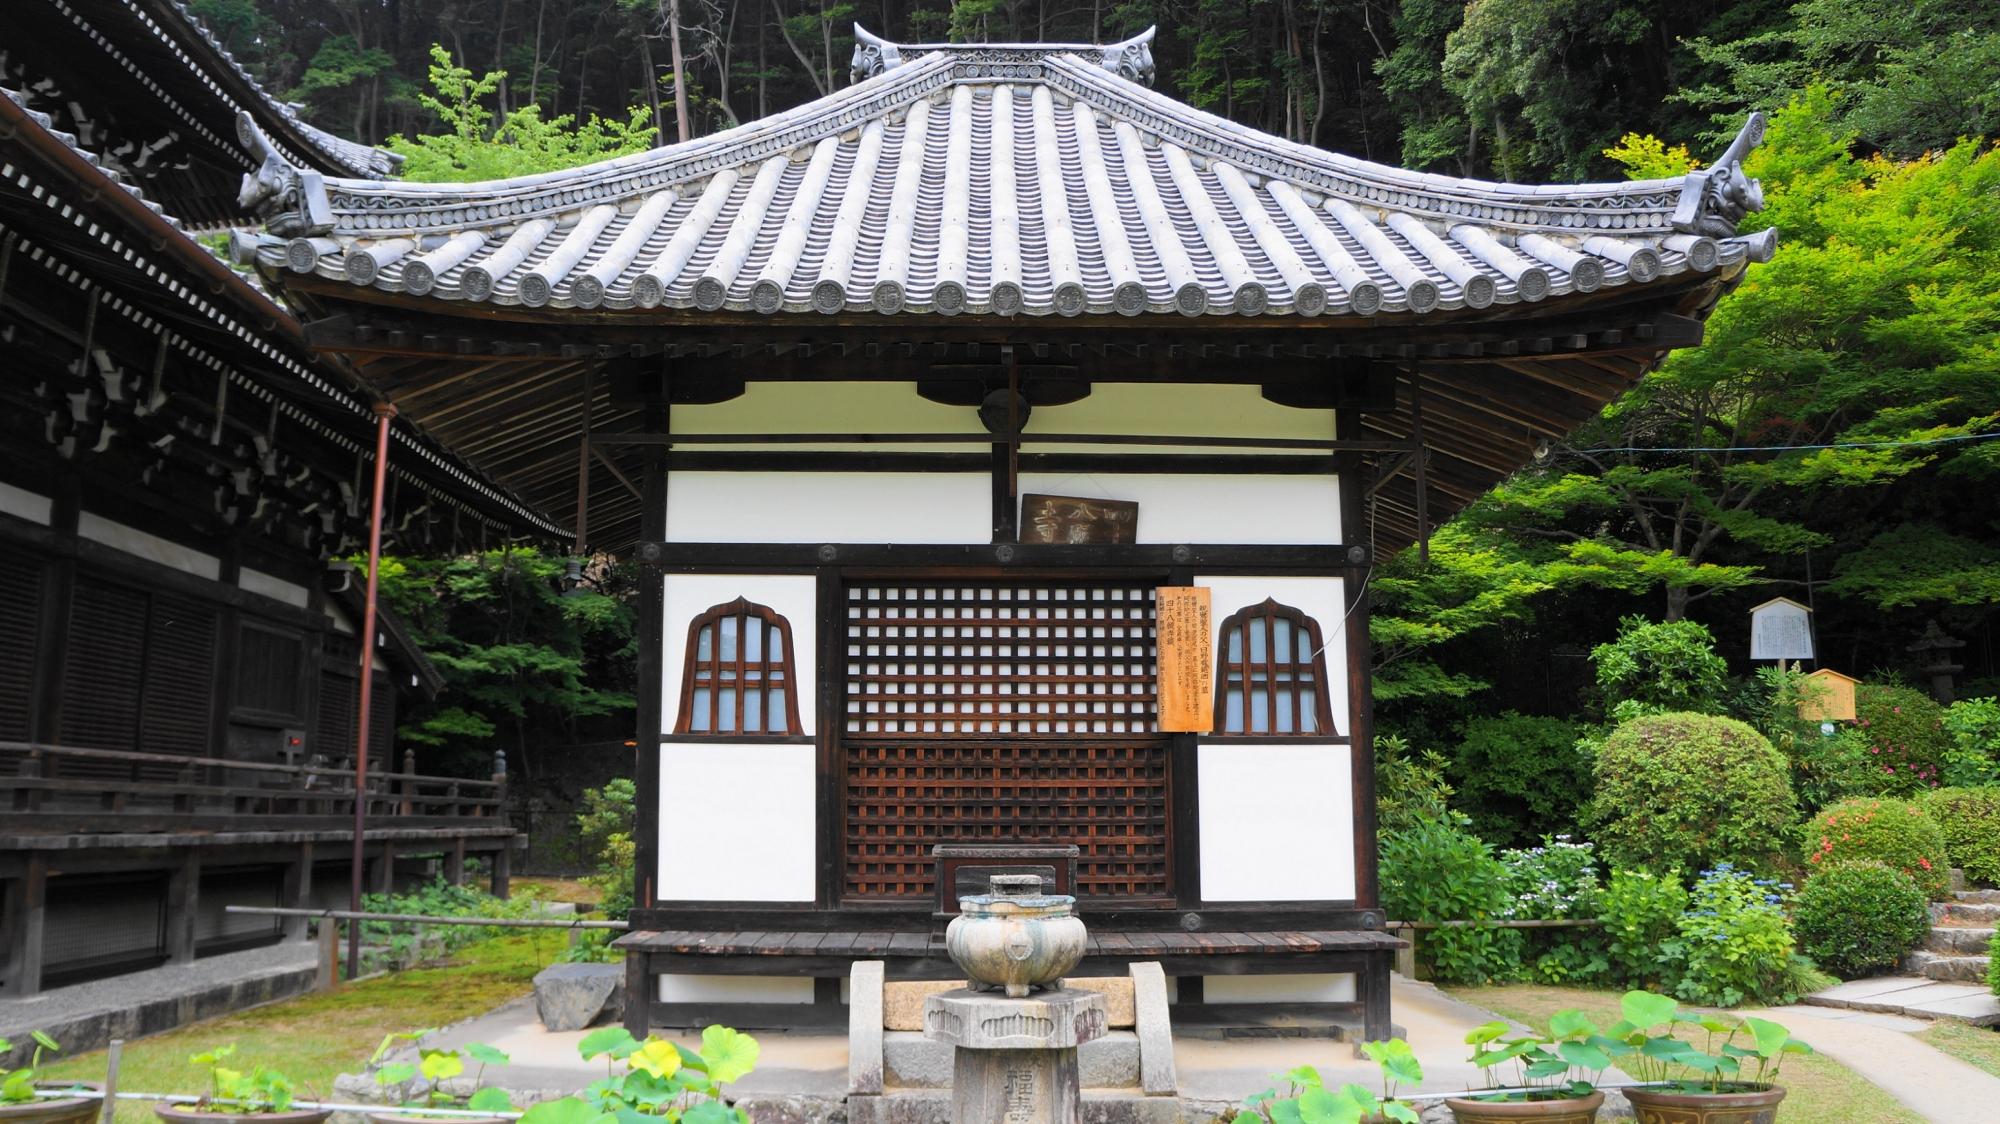 白壁の落ち着いた雰囲気の三室戸寺の阿弥陀堂